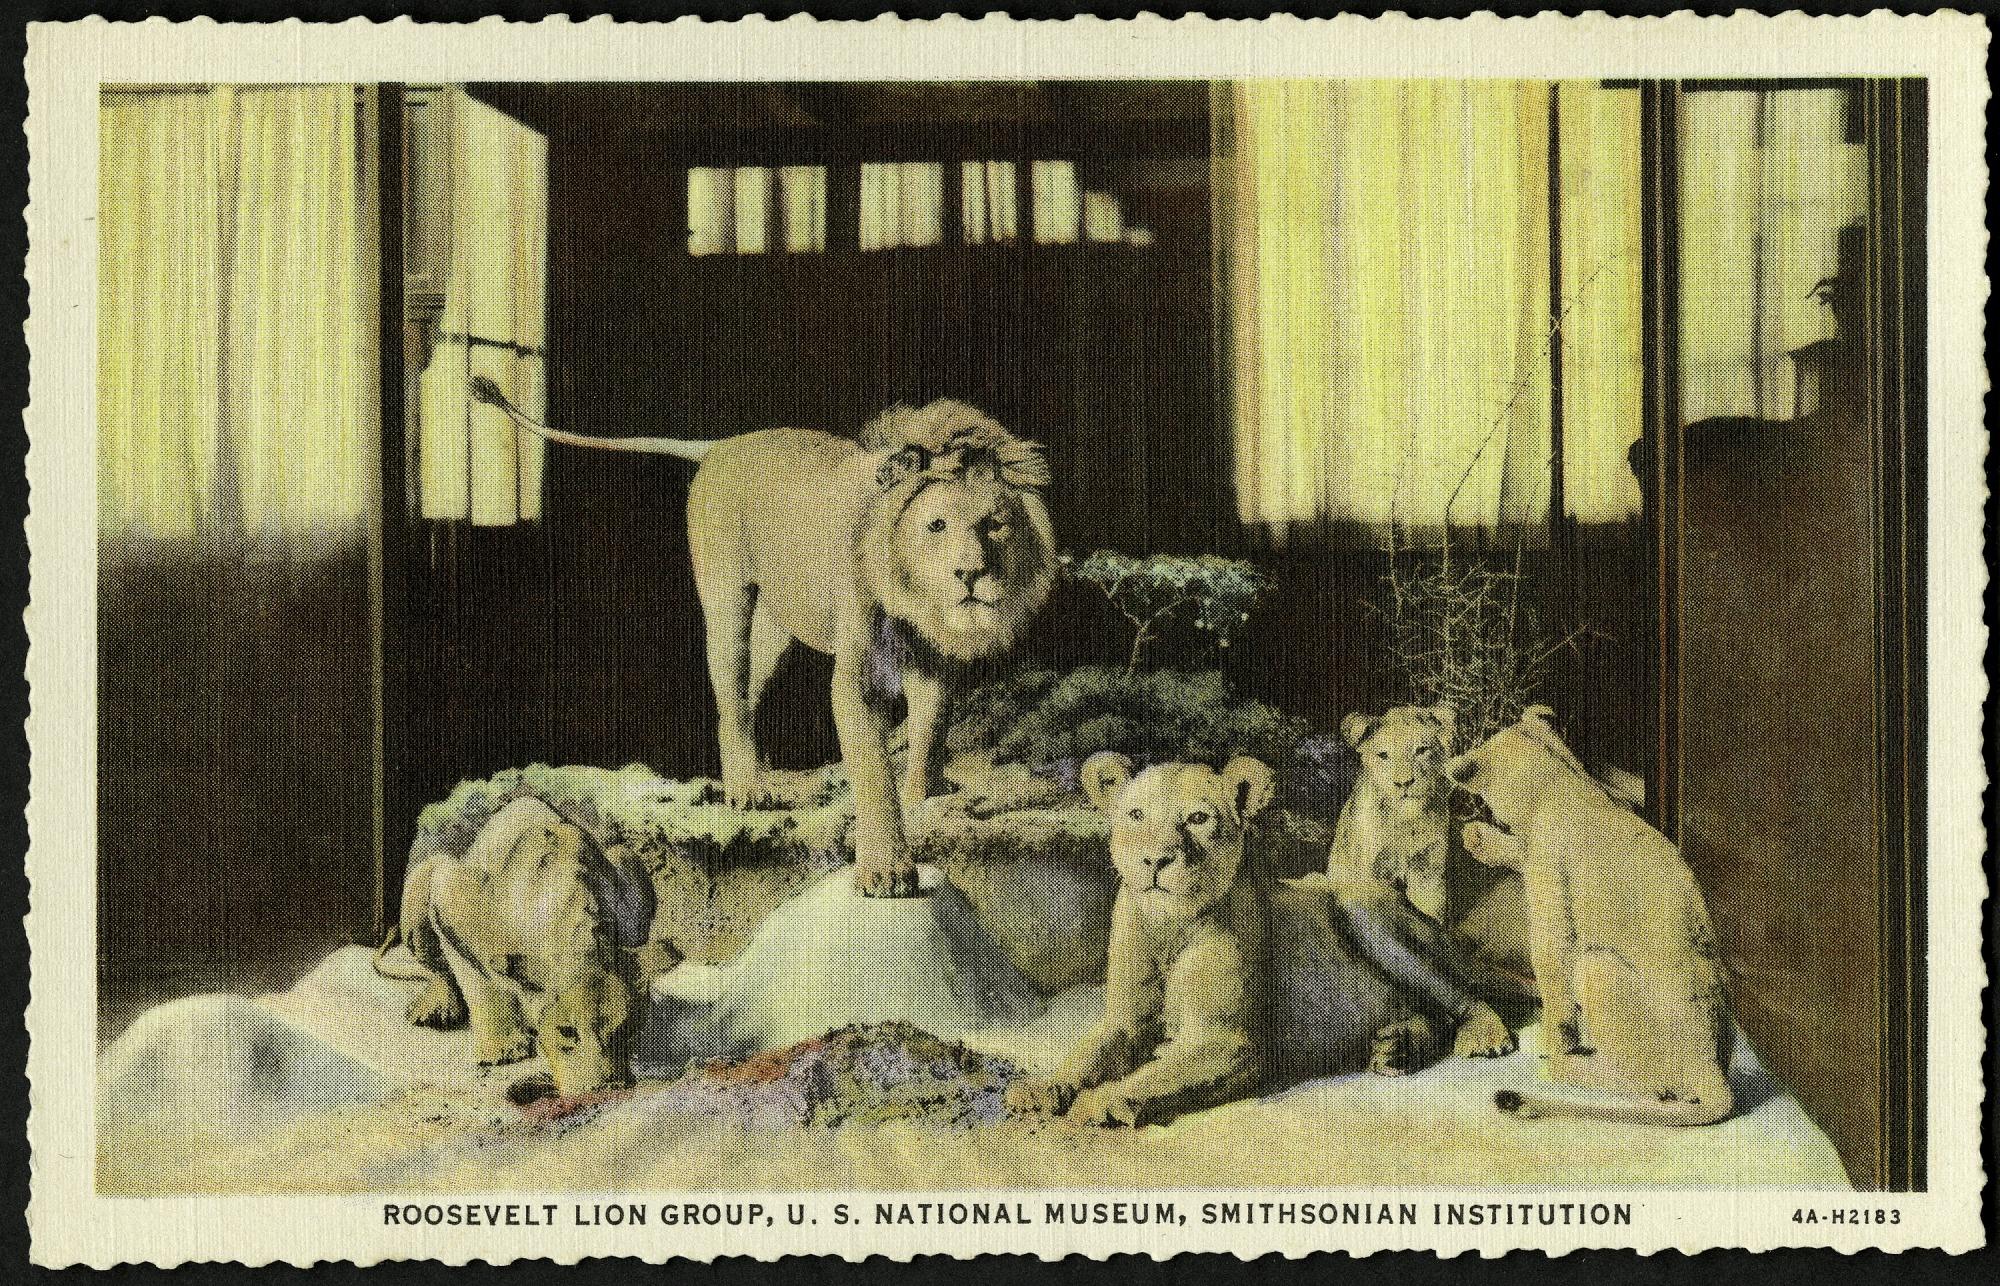 Blank Postcard of Roosevelt Lion Group